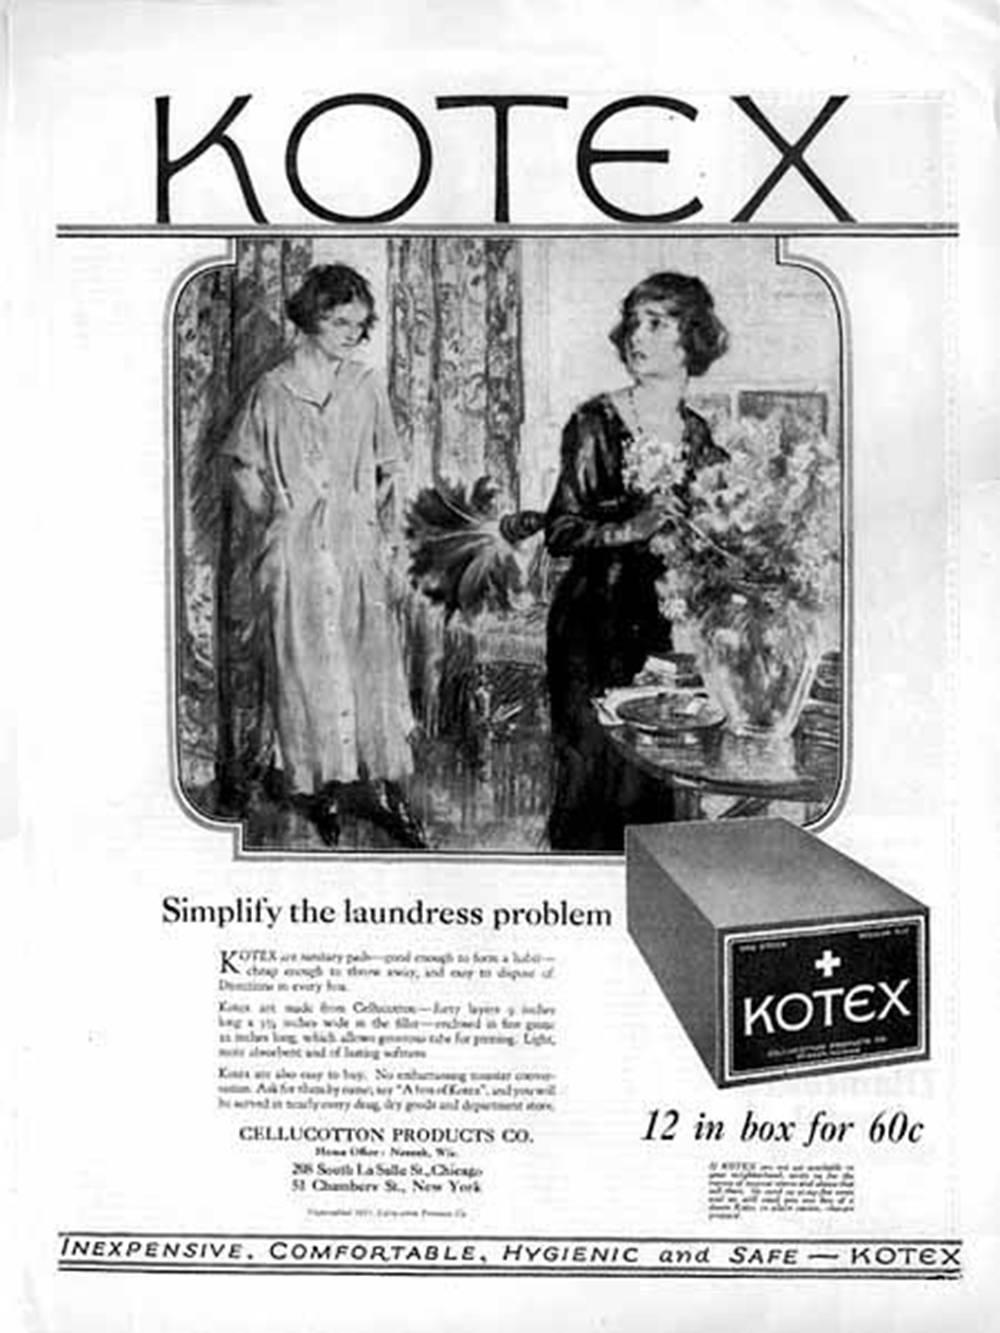 """Реклама «Котекс» в 1921году. В ней говорится, что прокладки достаточно дешевые, чтобы выкинуть их. Чтобы их купить, необходимо сказать на кассе: «Дайте коробку """"Котекс""""». Источник: mum.org"""